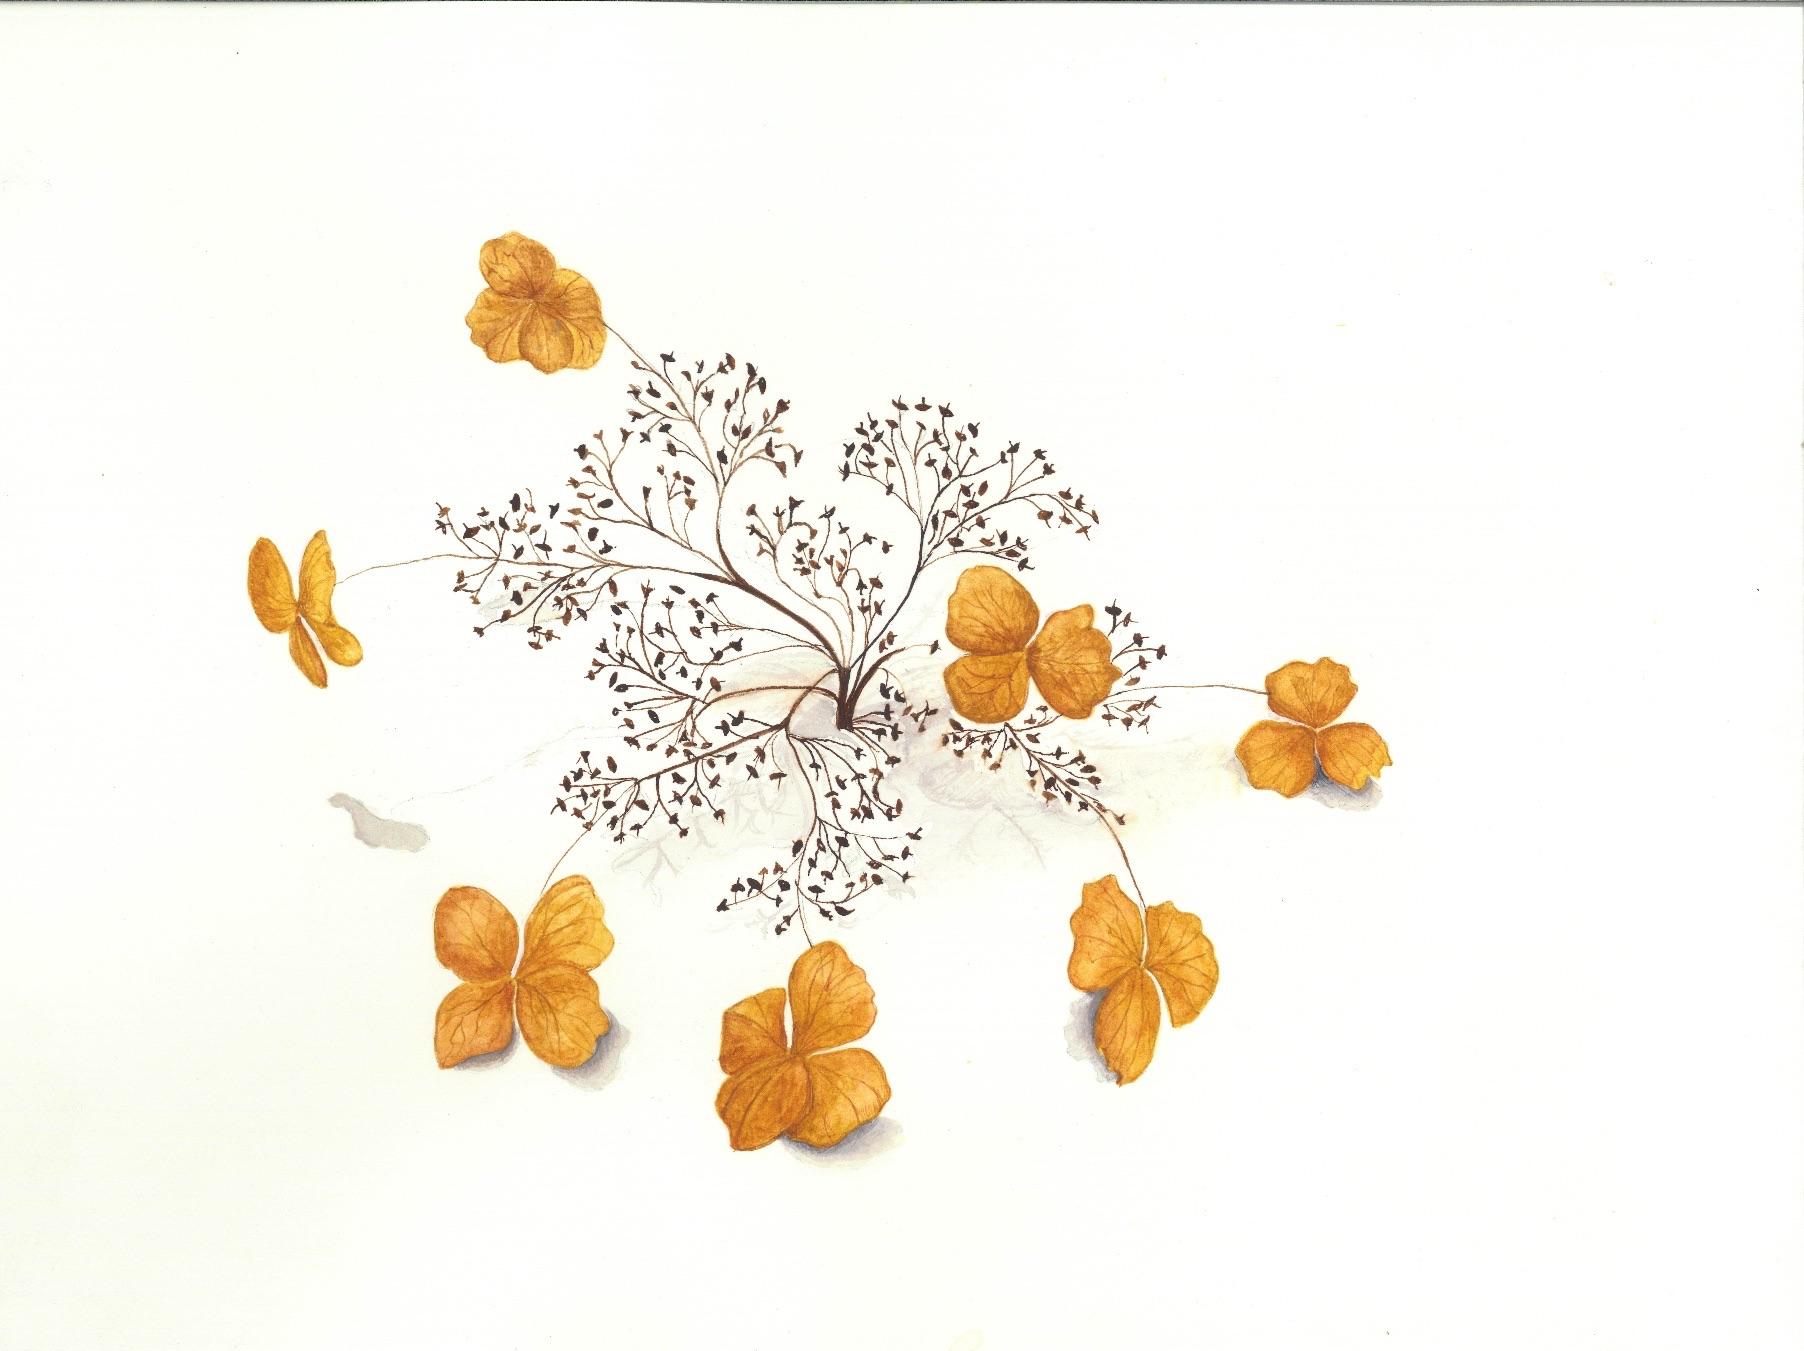 Dried, Dead, Climbing Hydrangea flower